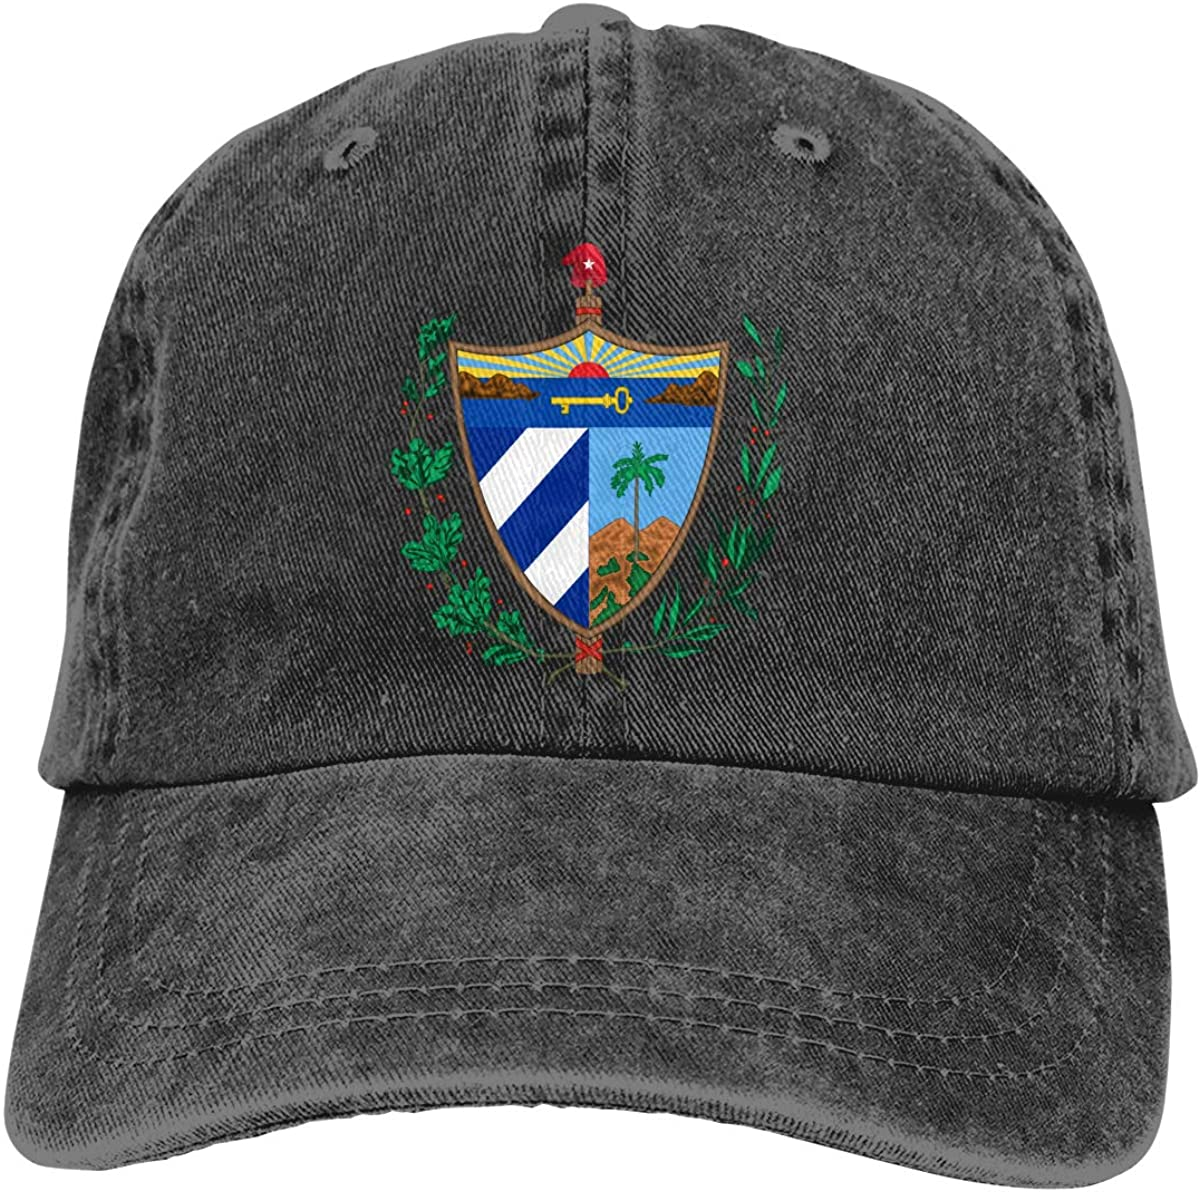 Best4U/&Me Men Women Coat of Arms of Cuba Vintage Washed Dad Hat Popular Adjustable Baseball Cap